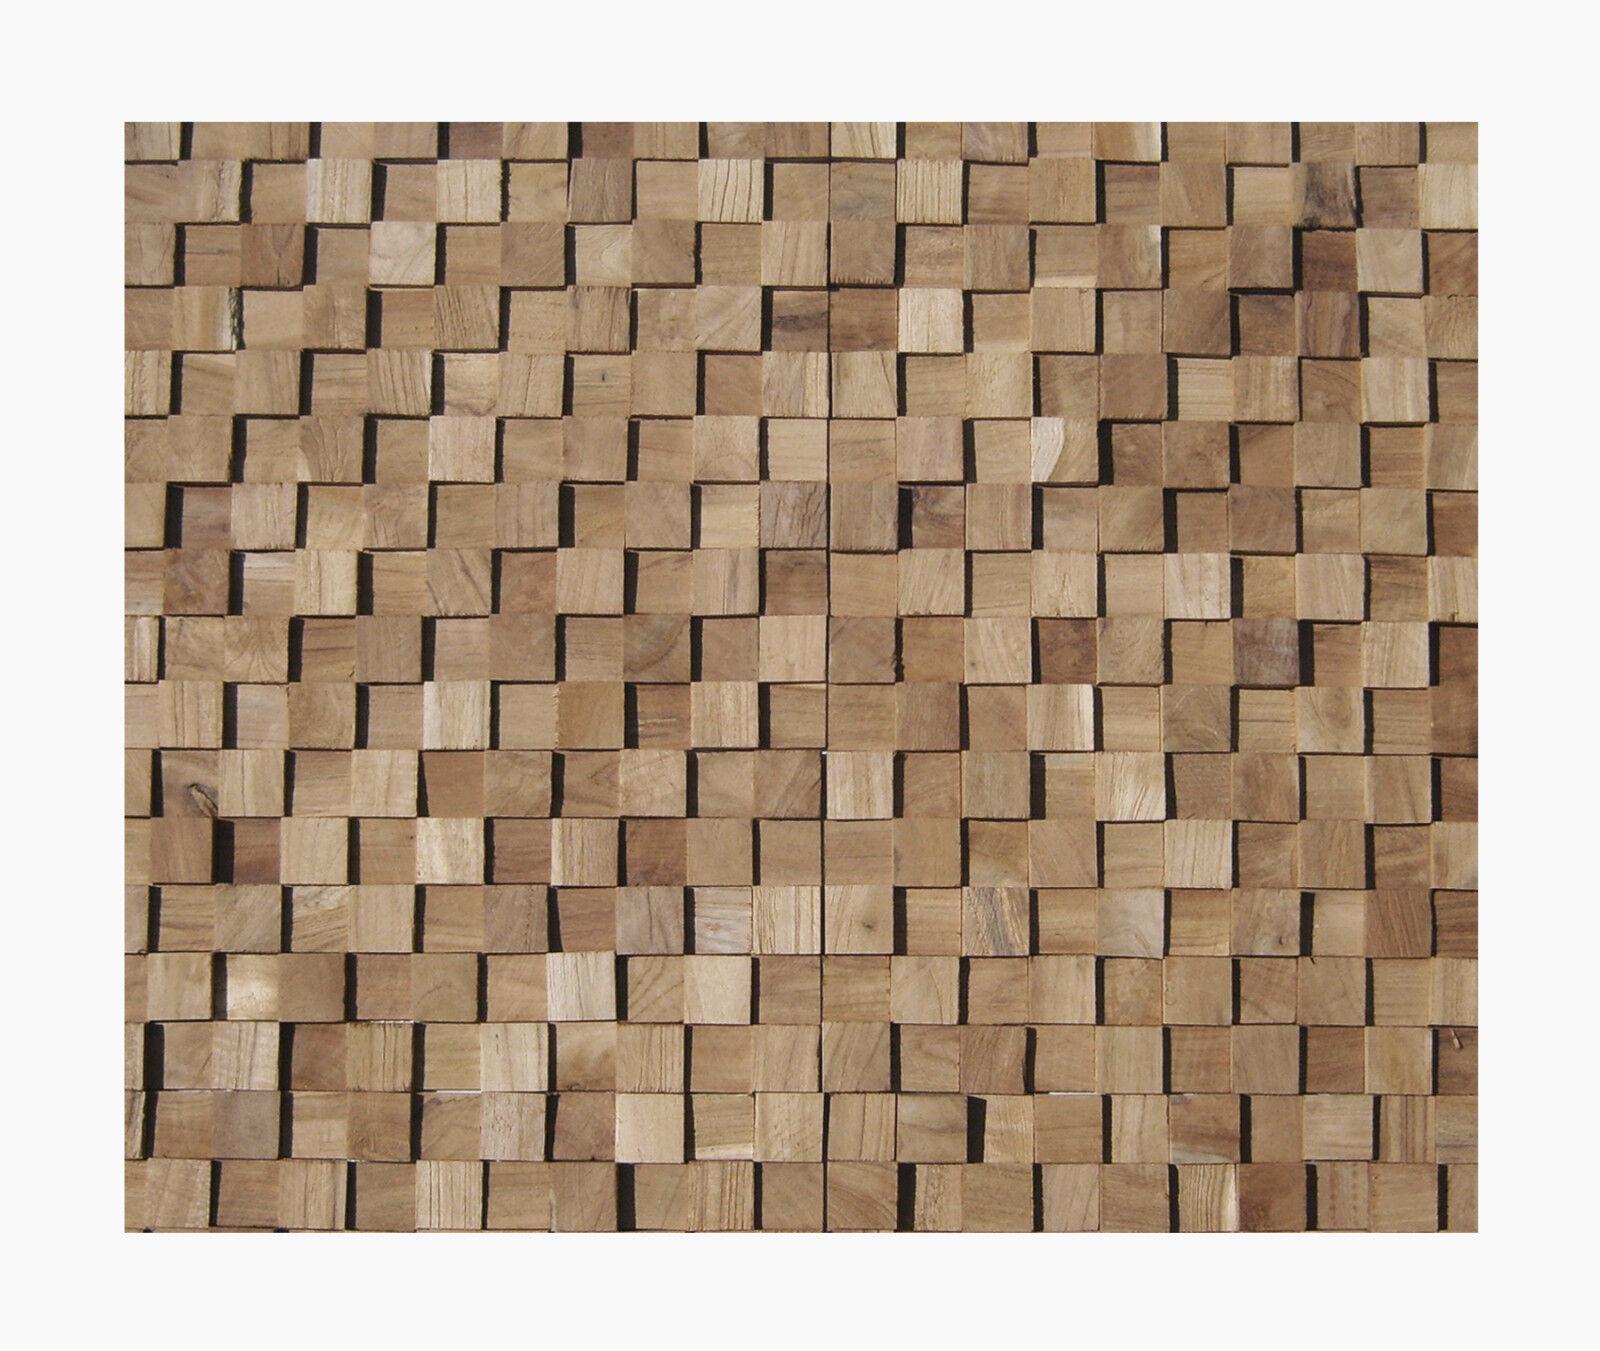 1 qm HO-004 Teakholz Wand-Design Verblender - Mosaik Fliesen Lager Herne NRW -